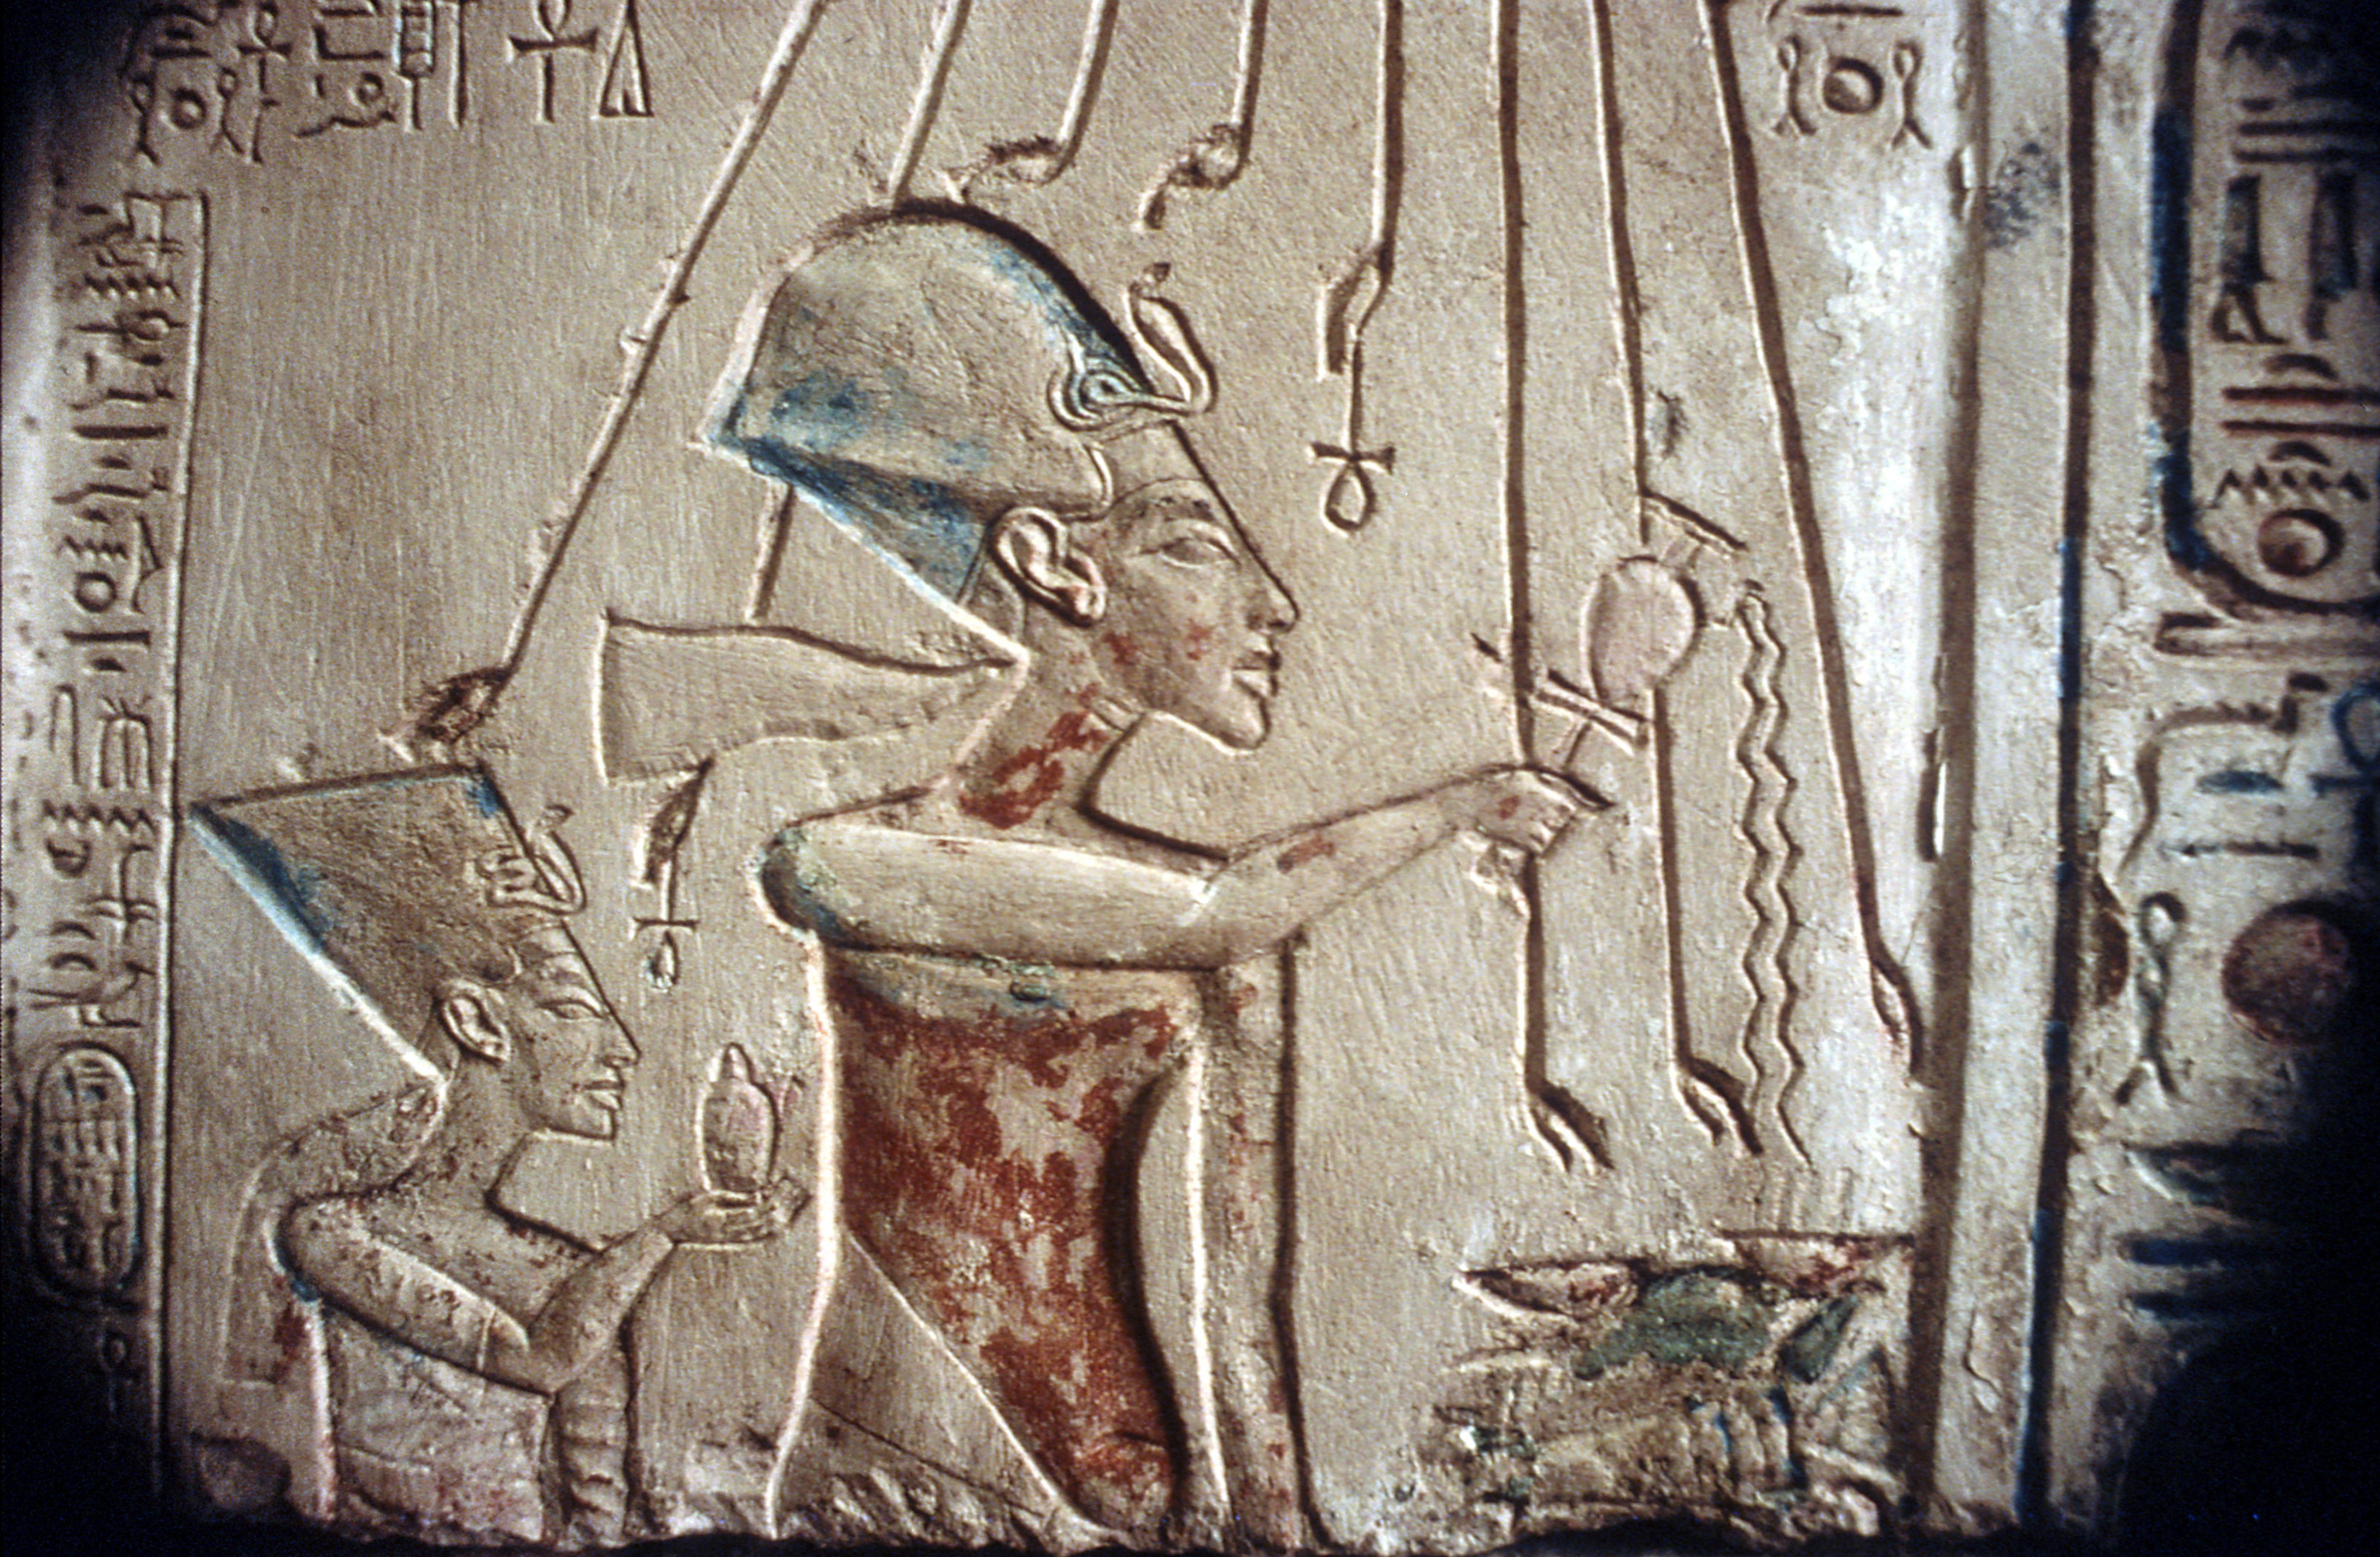 Akhenaten and Nefertiti - Amarna style!